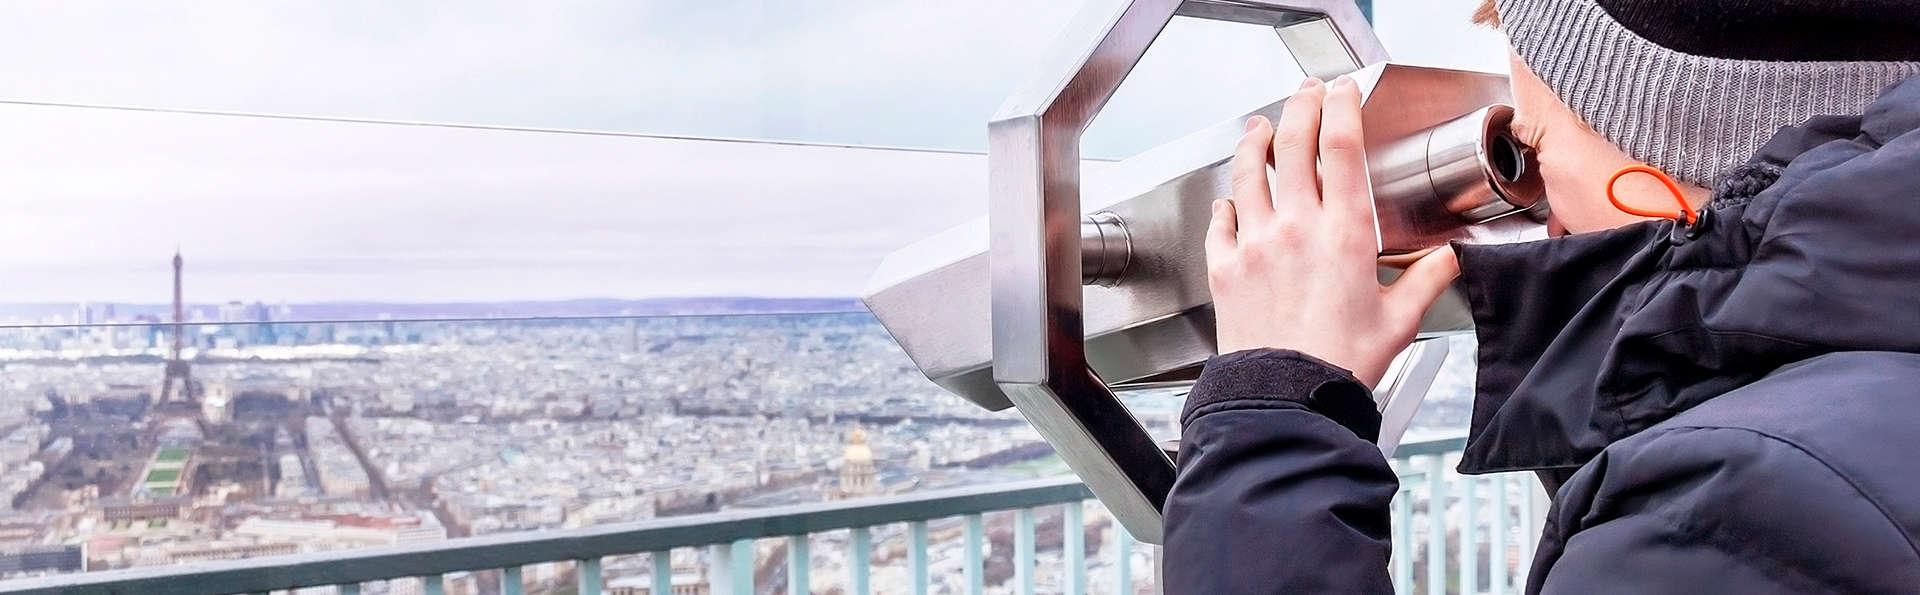 Week-end au coeur de Paris avec entrée pour la vue panoramique de la tour Montparnasse